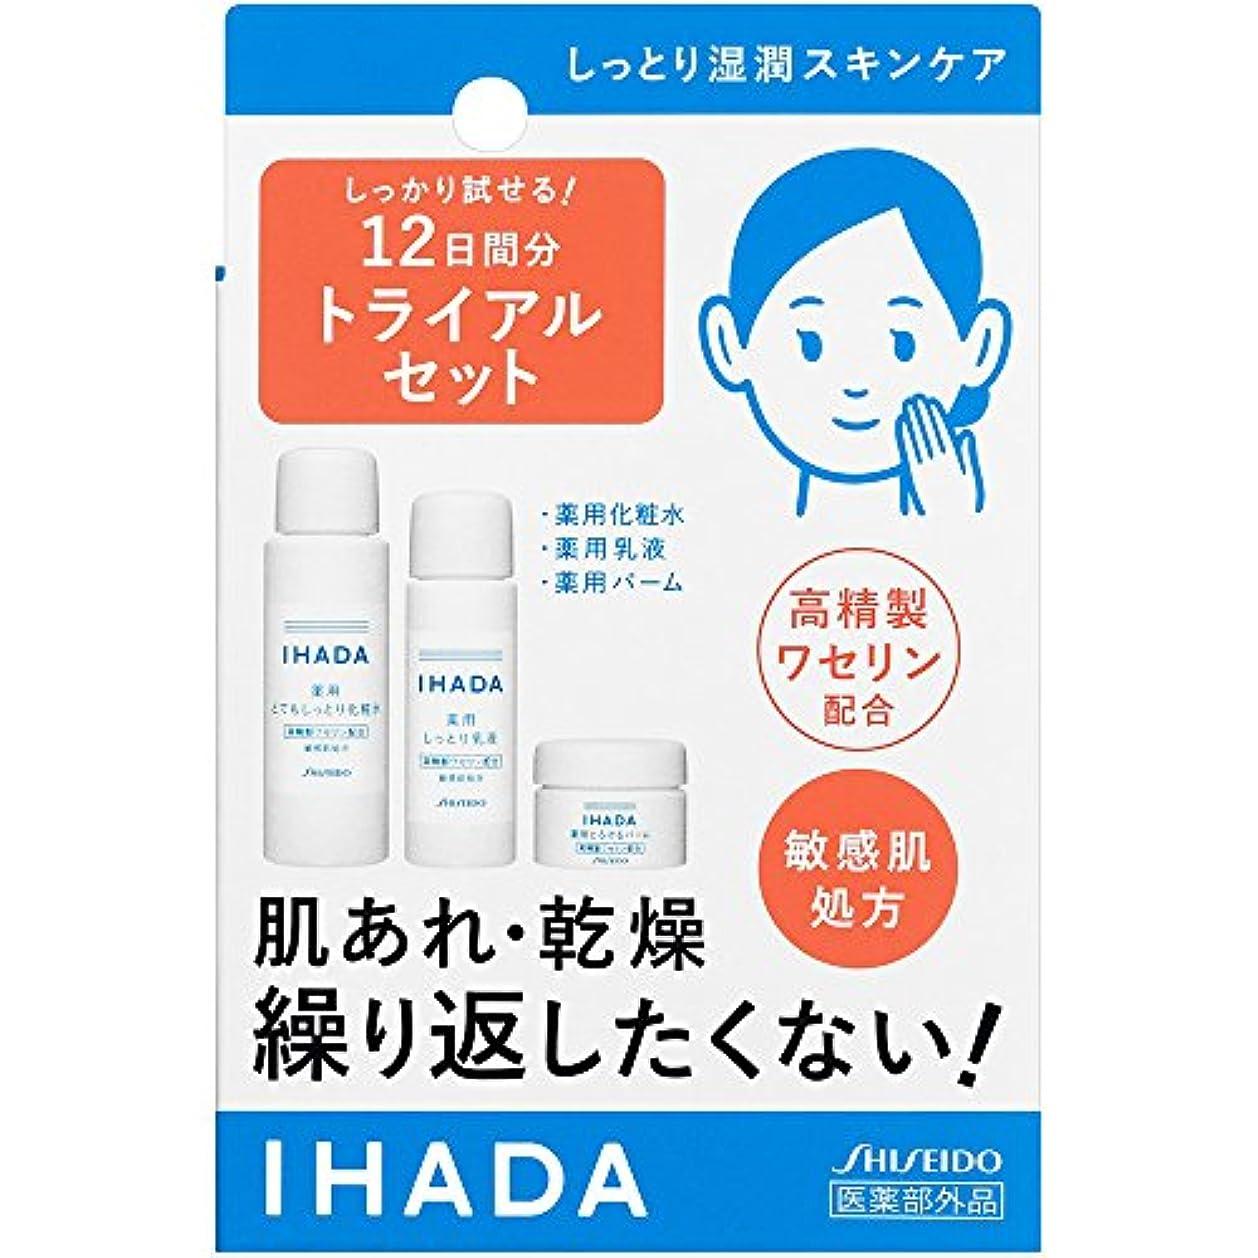 【医薬部外品】イハダ 薬用スキンケアトライアルセット 化粧水(とてもしっとり)25ml 乳液15ml バーム5g 約12日分